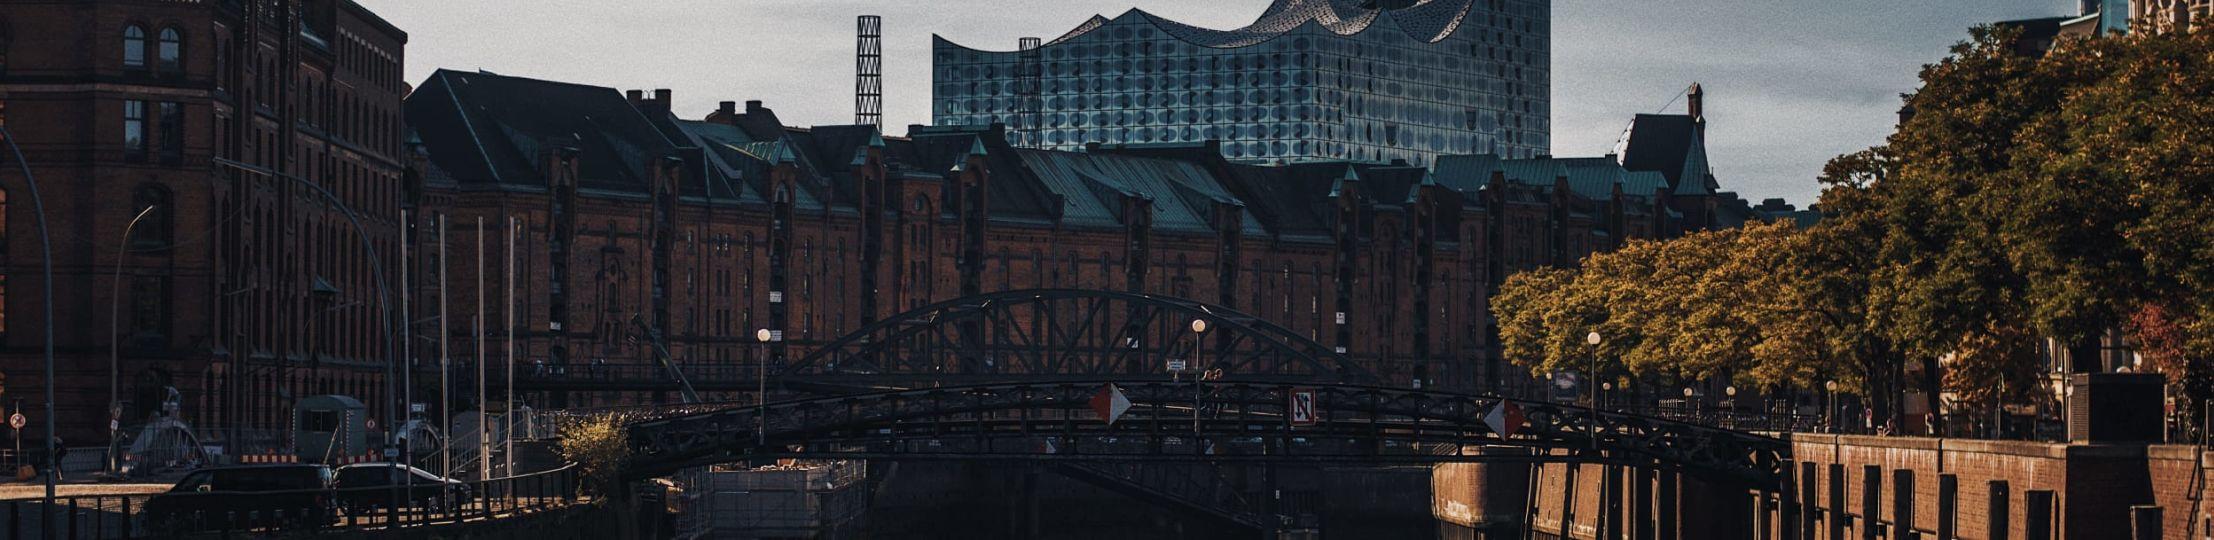 Os Nossos Artistas em Hamburgo